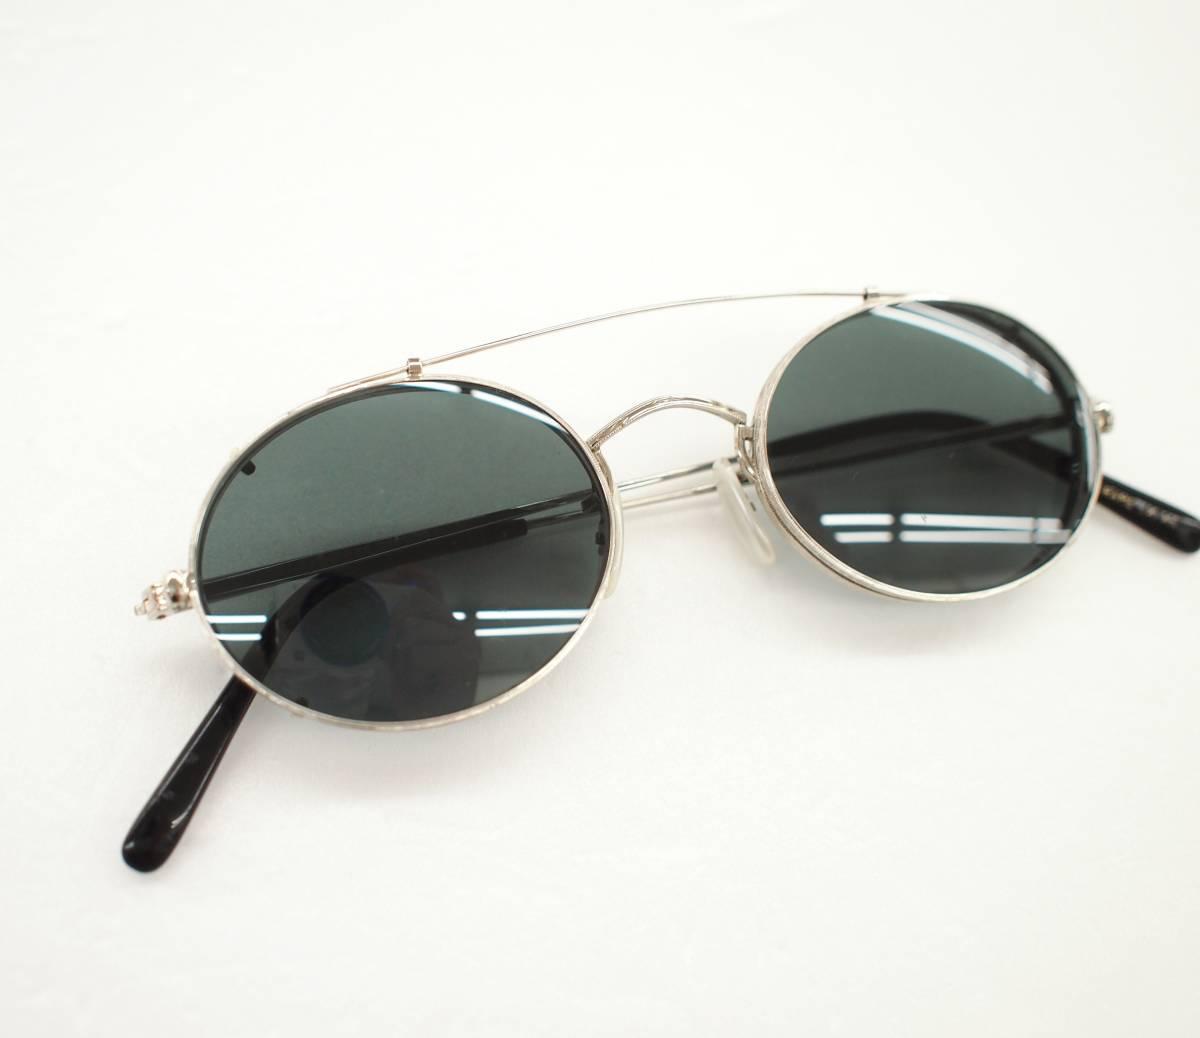 クリップオン付き OLIVER PEOPLES オリバーピープルズ OP-67 S 眼鏡 サングラス_画像8